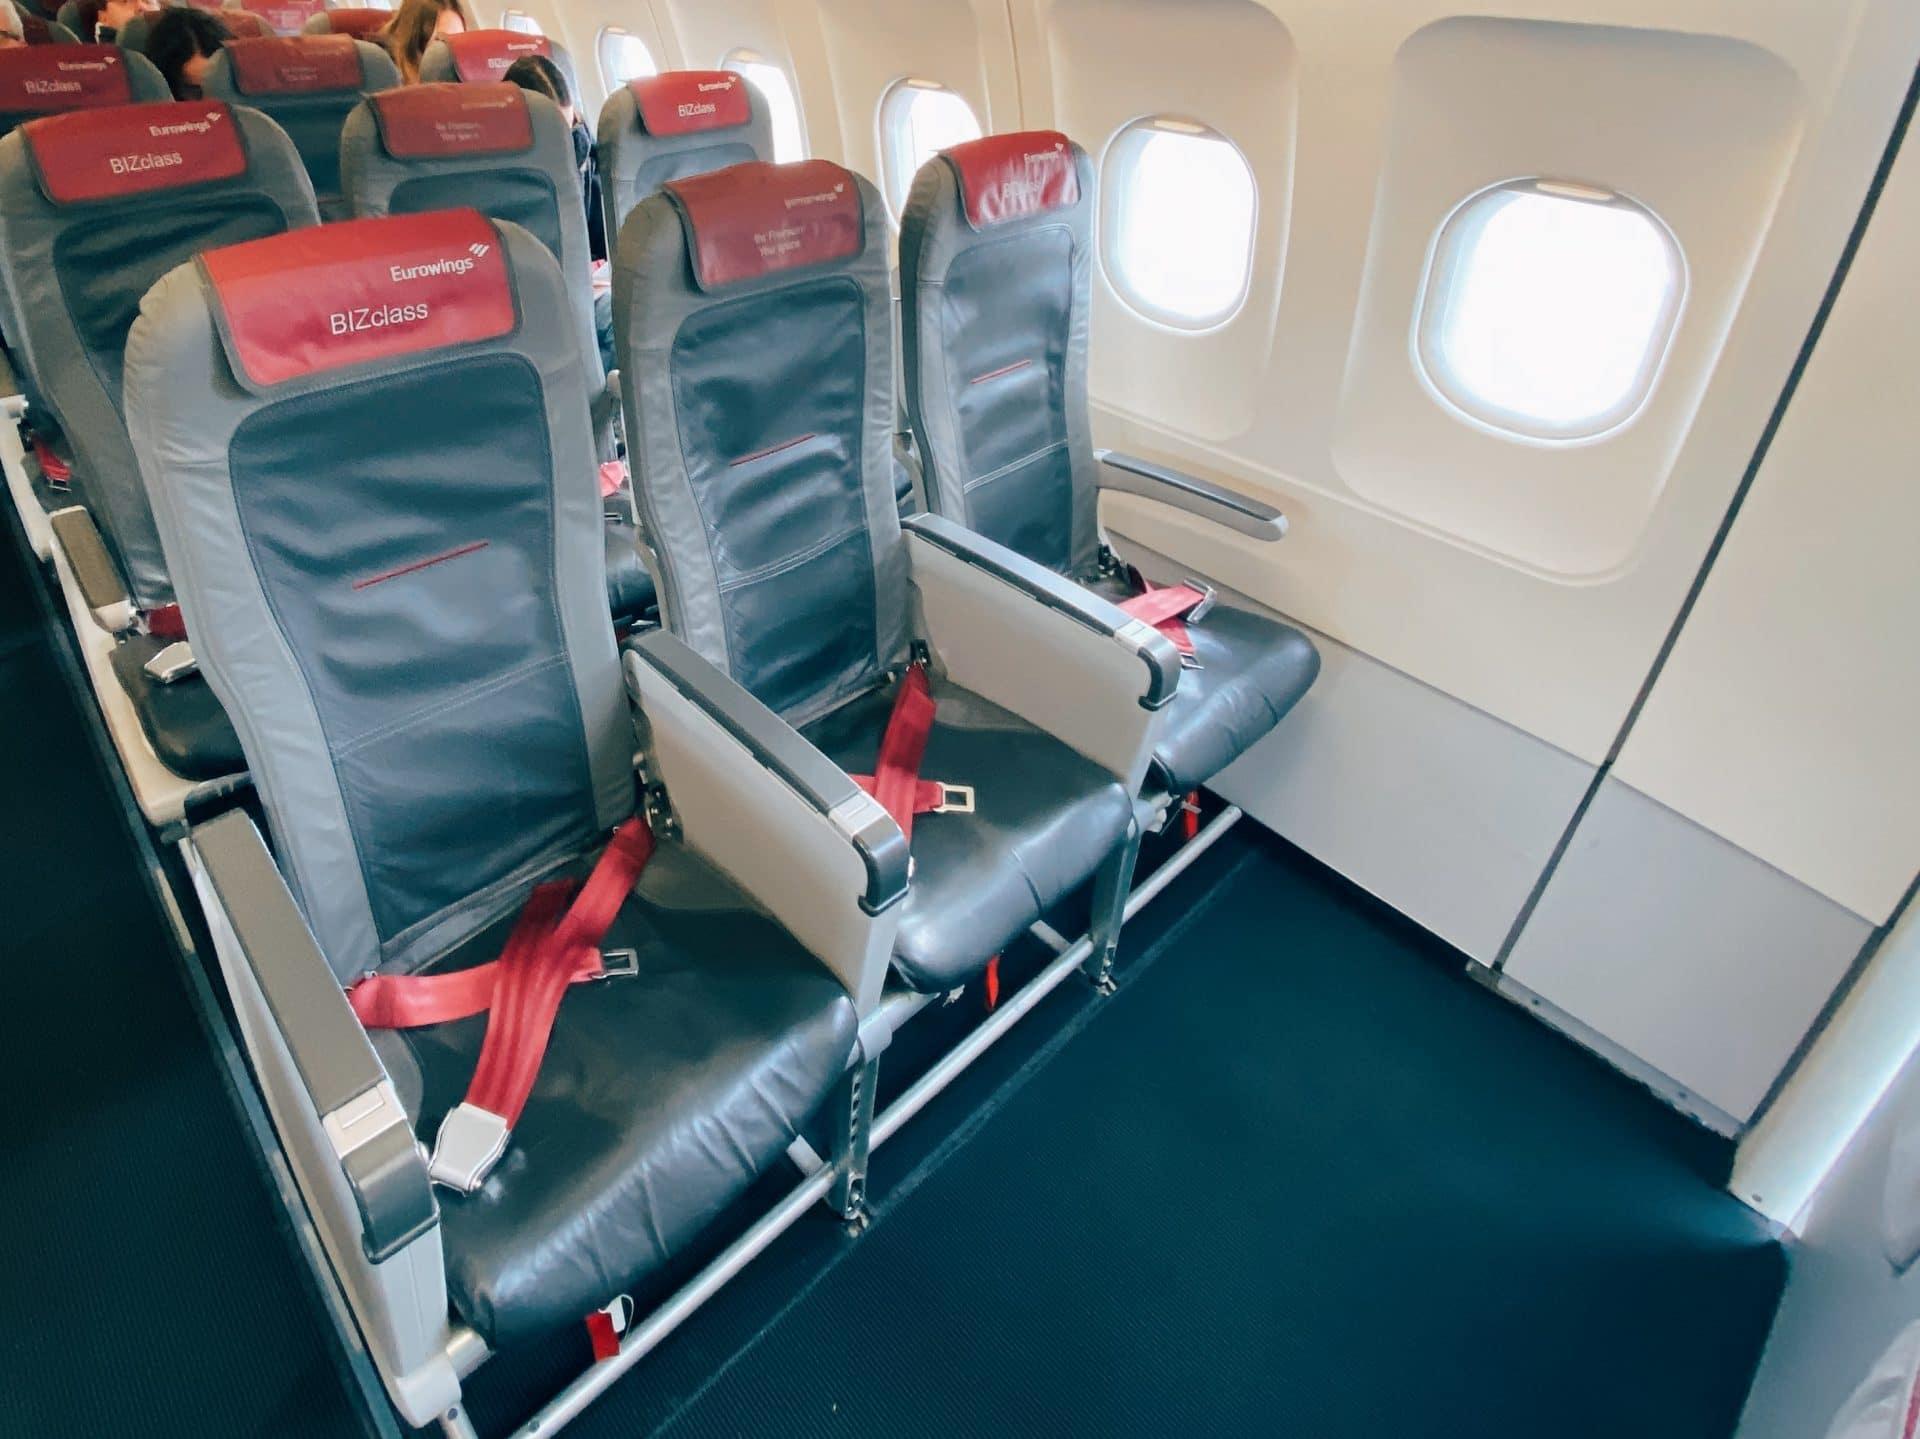 Eurowings BIZclass A319